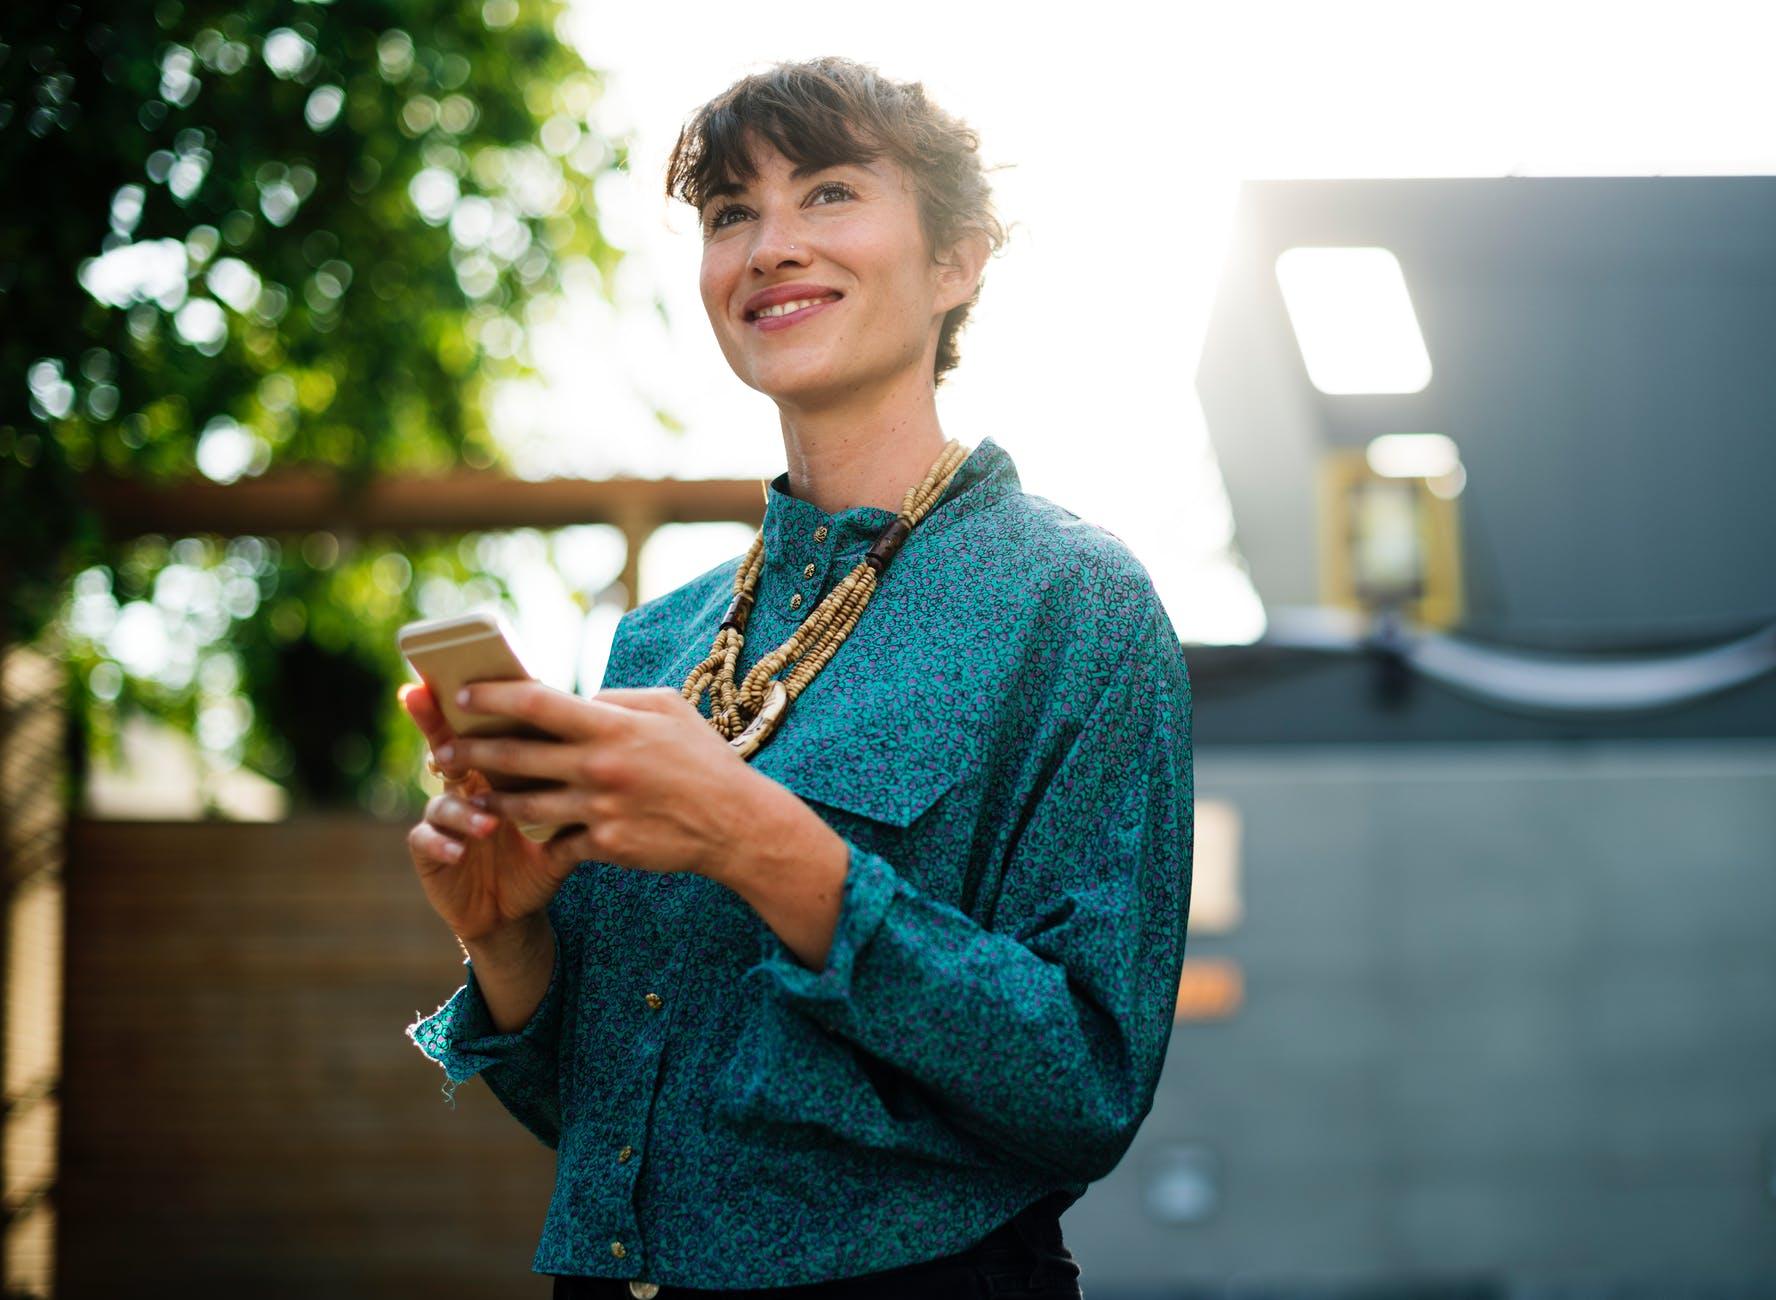 mulher com celular na mão simulando um investimento